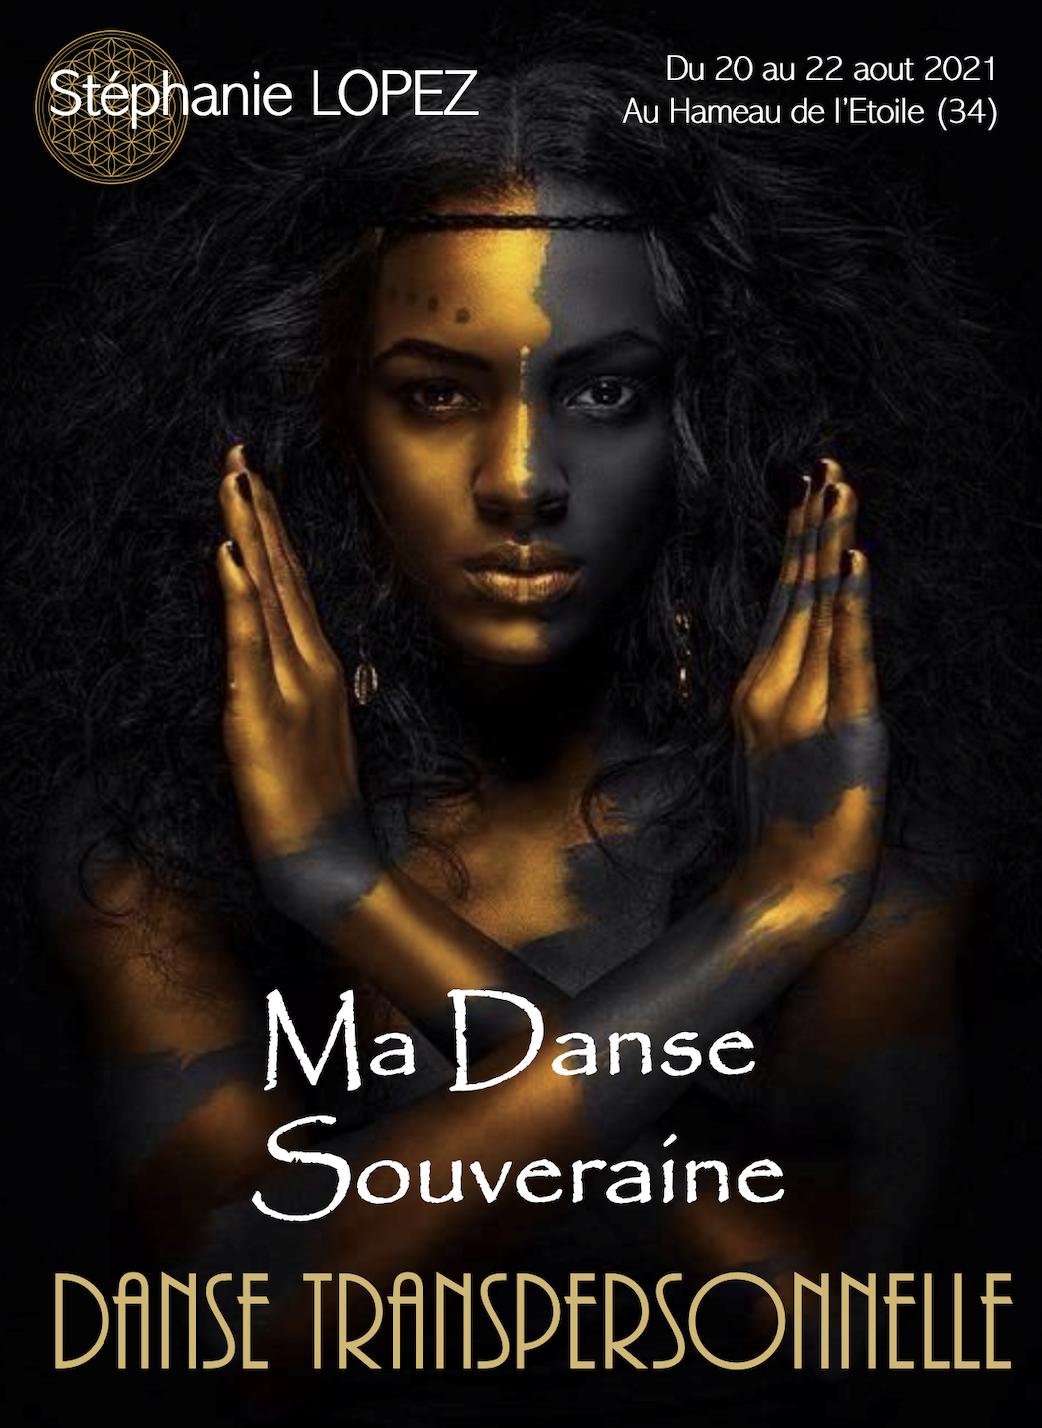 Ma Danse Souveraine - Stage Danse Transpersonnelle®